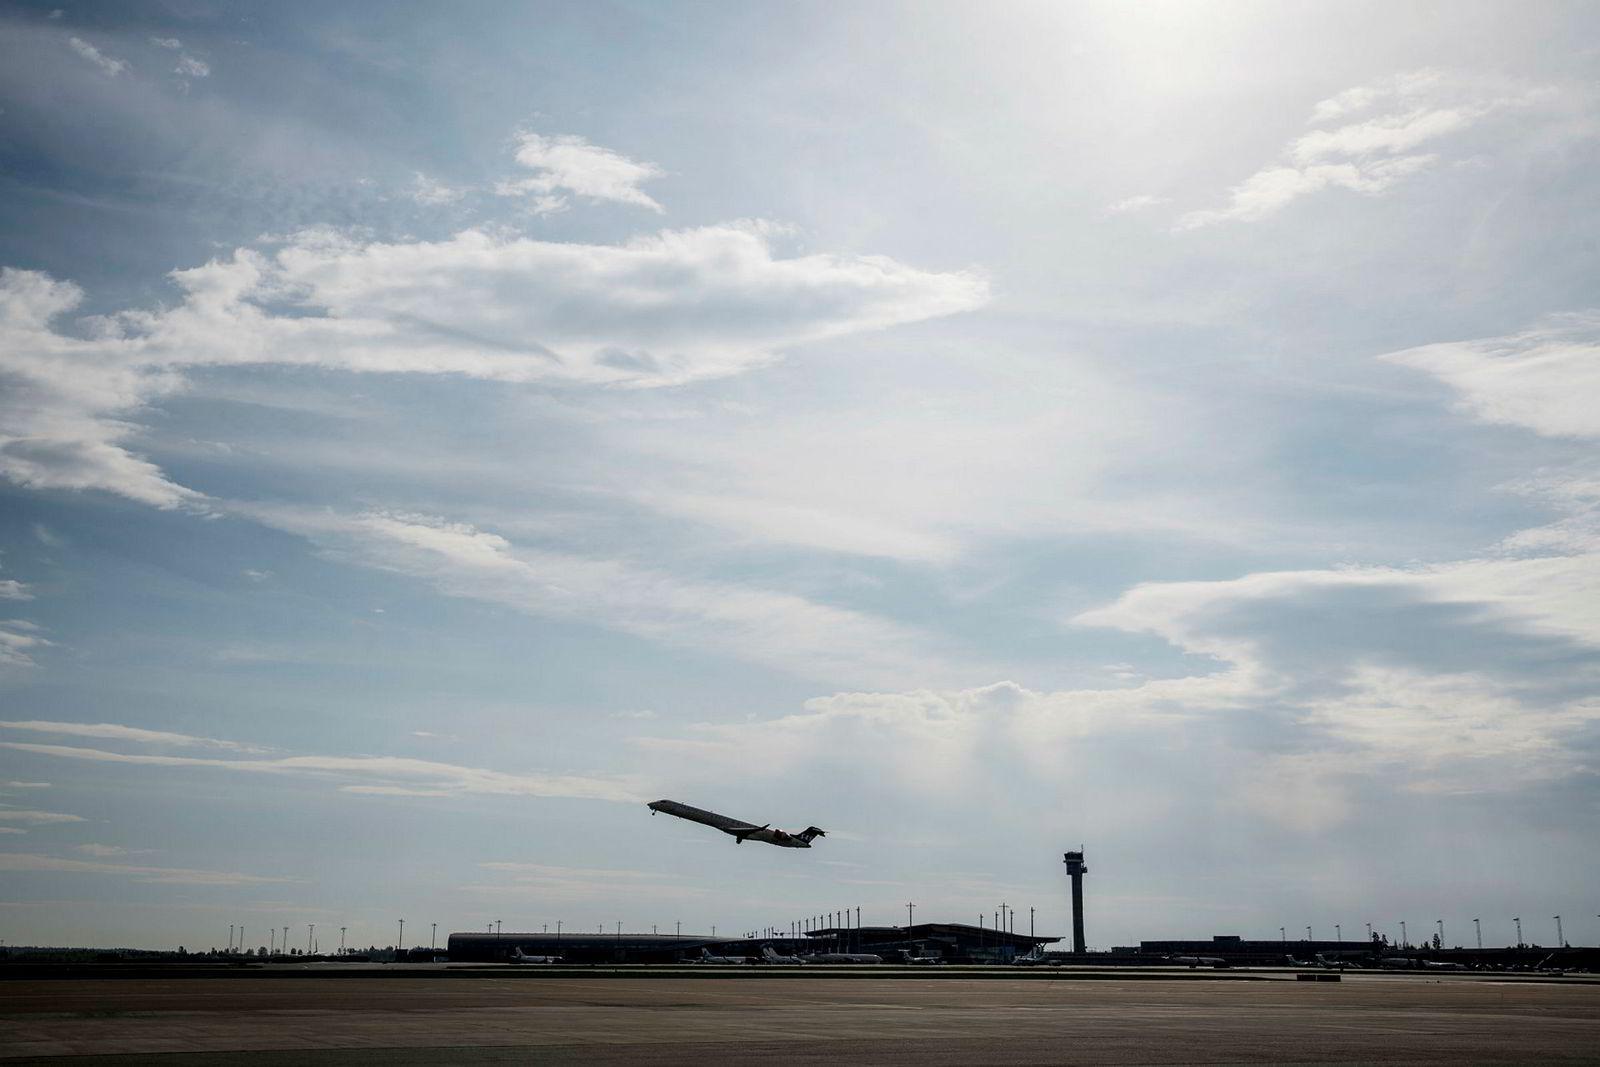 Riksrevisjonen reagerer på at lønnsomheten i Avinor fortsatt er for lav. Her fra Oslo lufthavn.